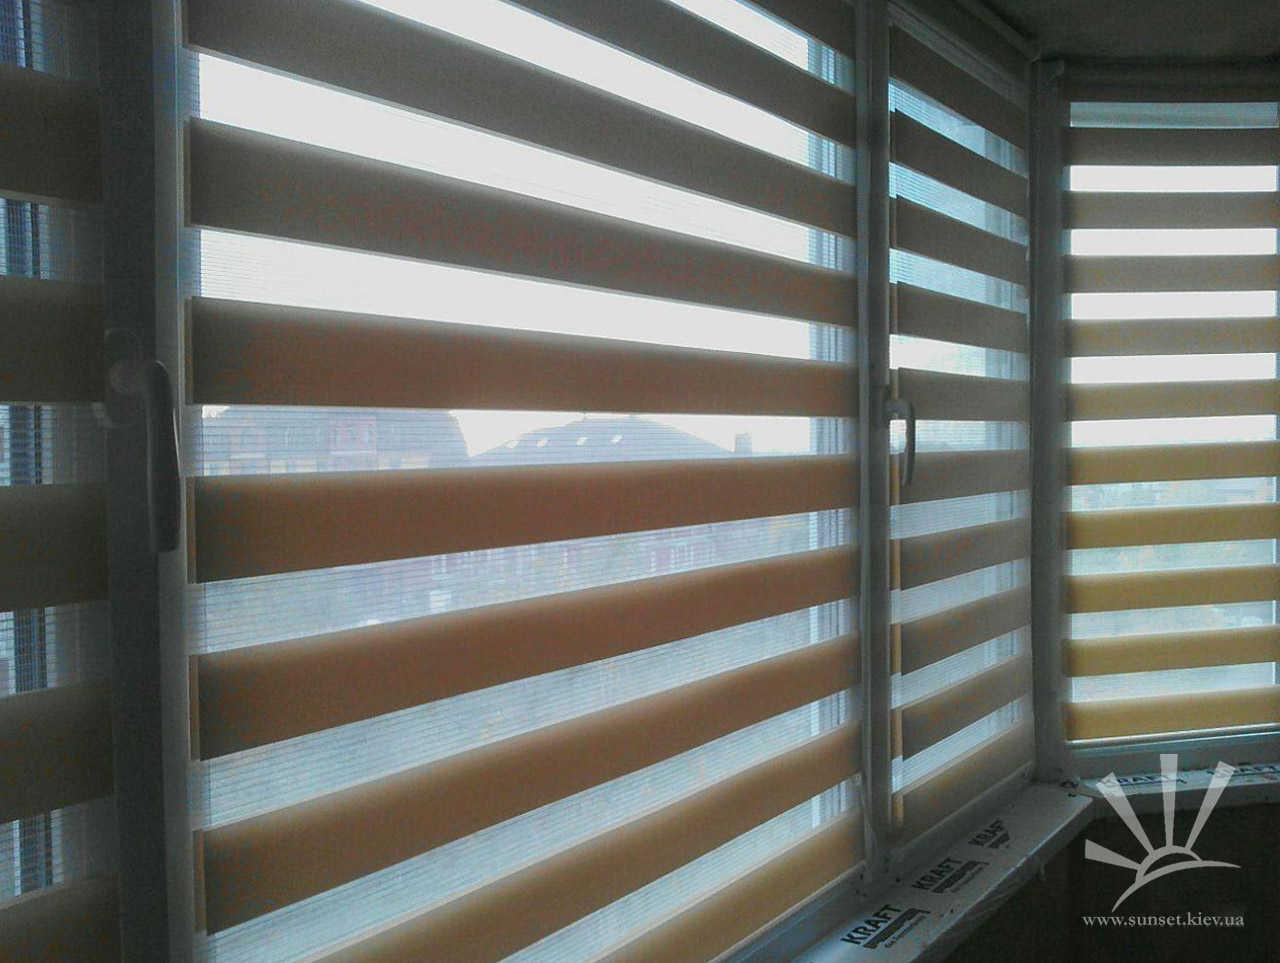 Рулонные шторы день-ночь фото